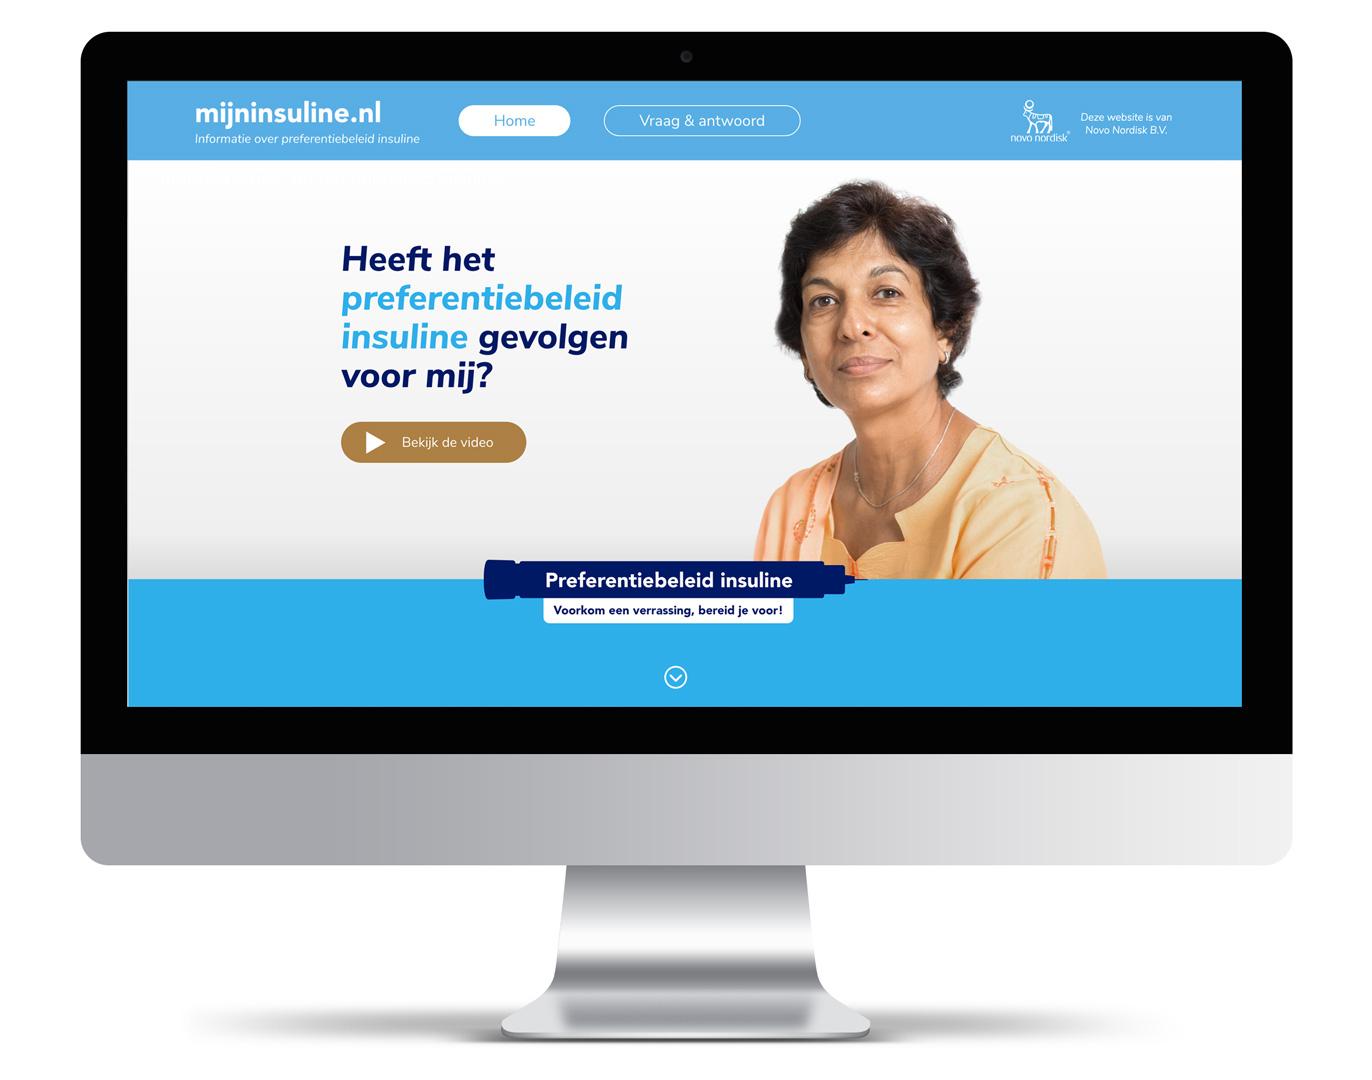 Mijninsuline.nl